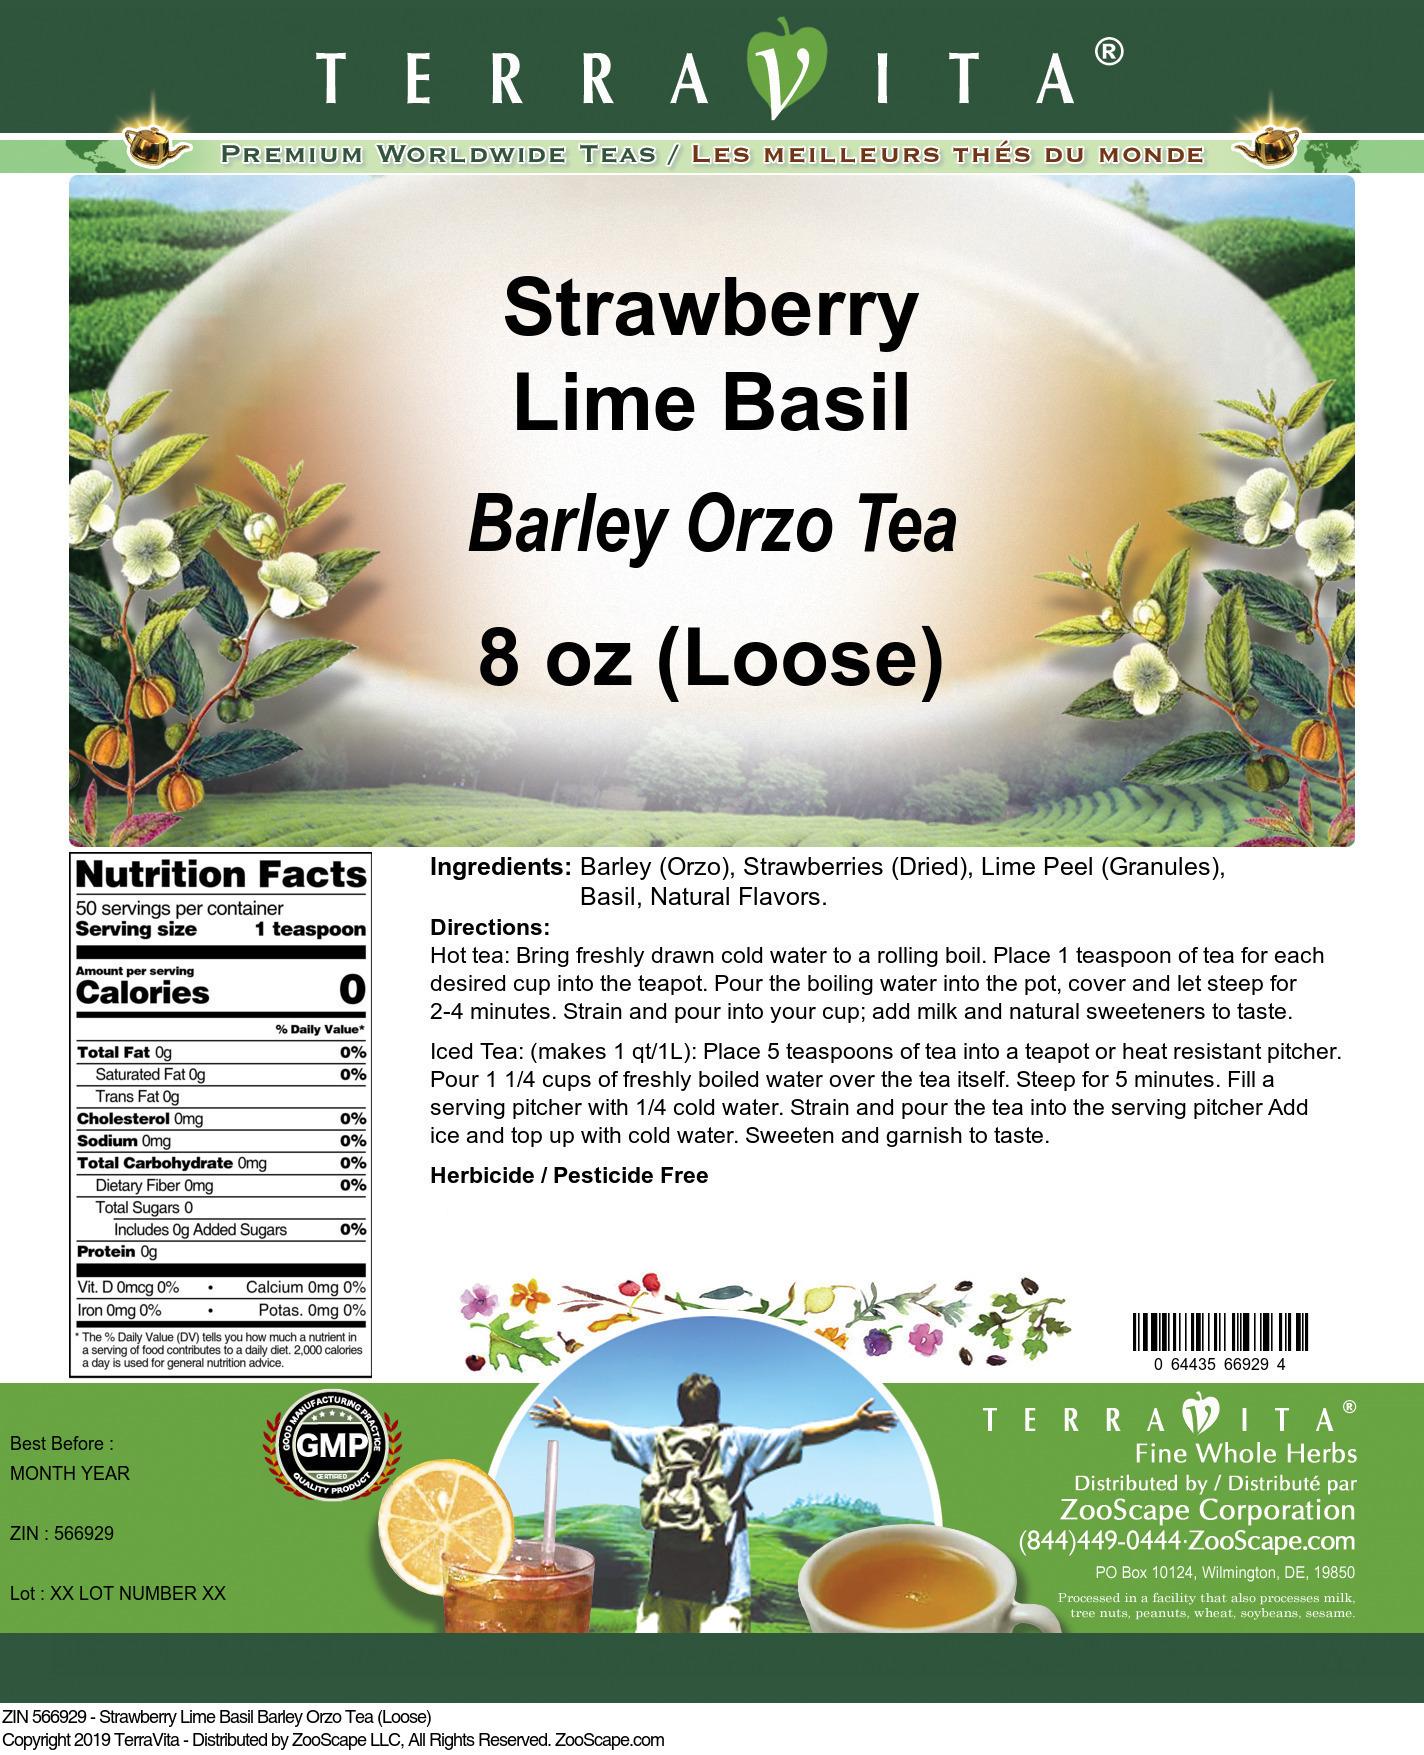 Strawberry Lime Basil Barley Orzo Tea (Loose)